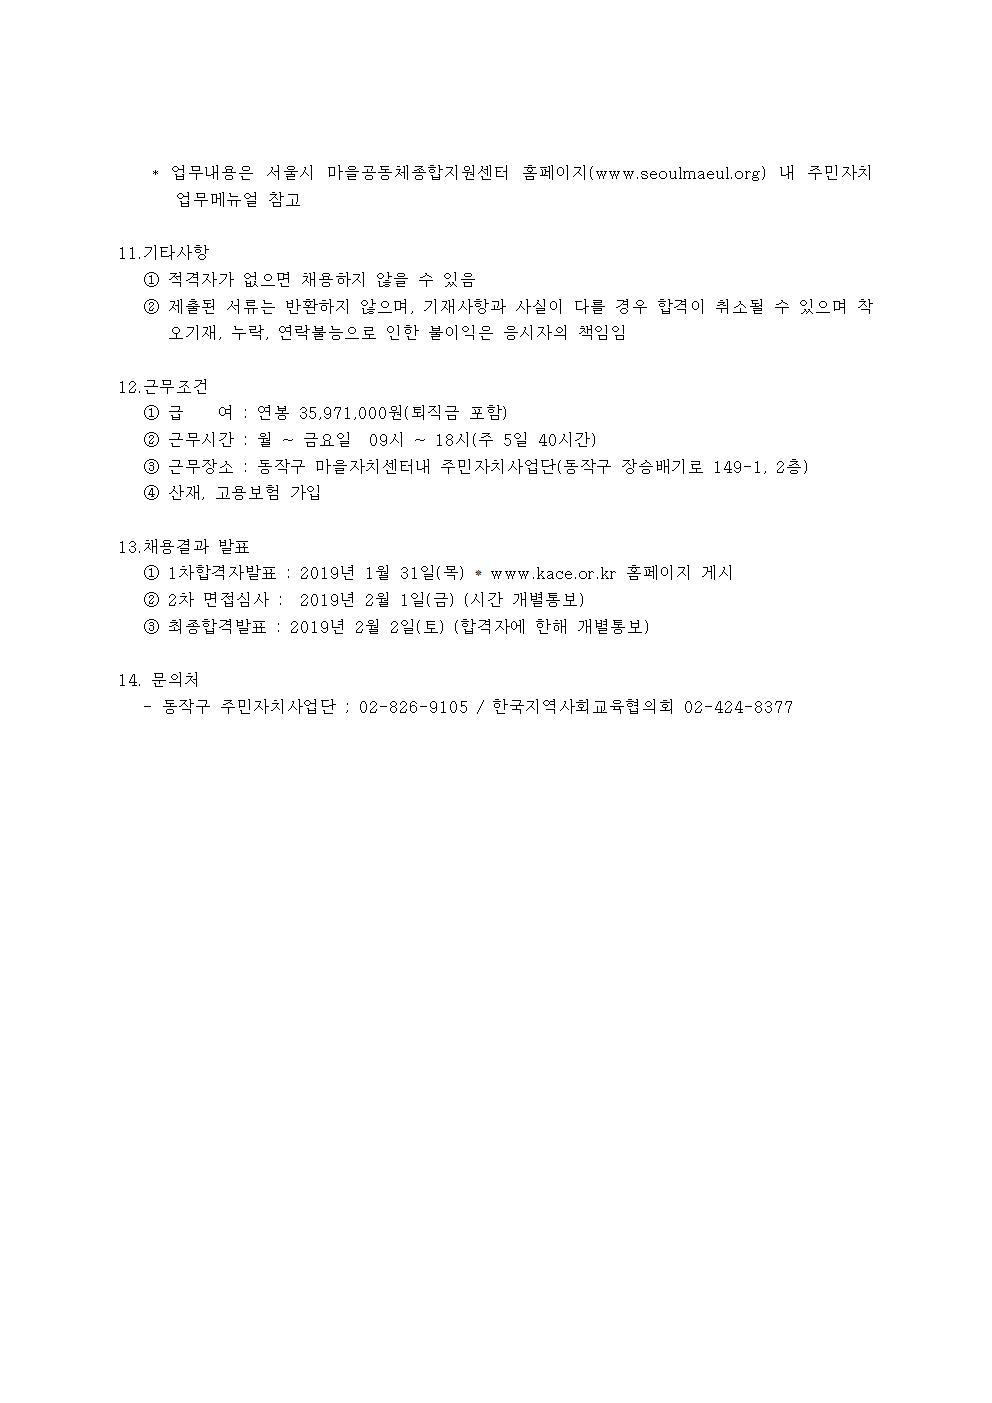 동작구 주민자치사업단 단원 모집공고002.jpg